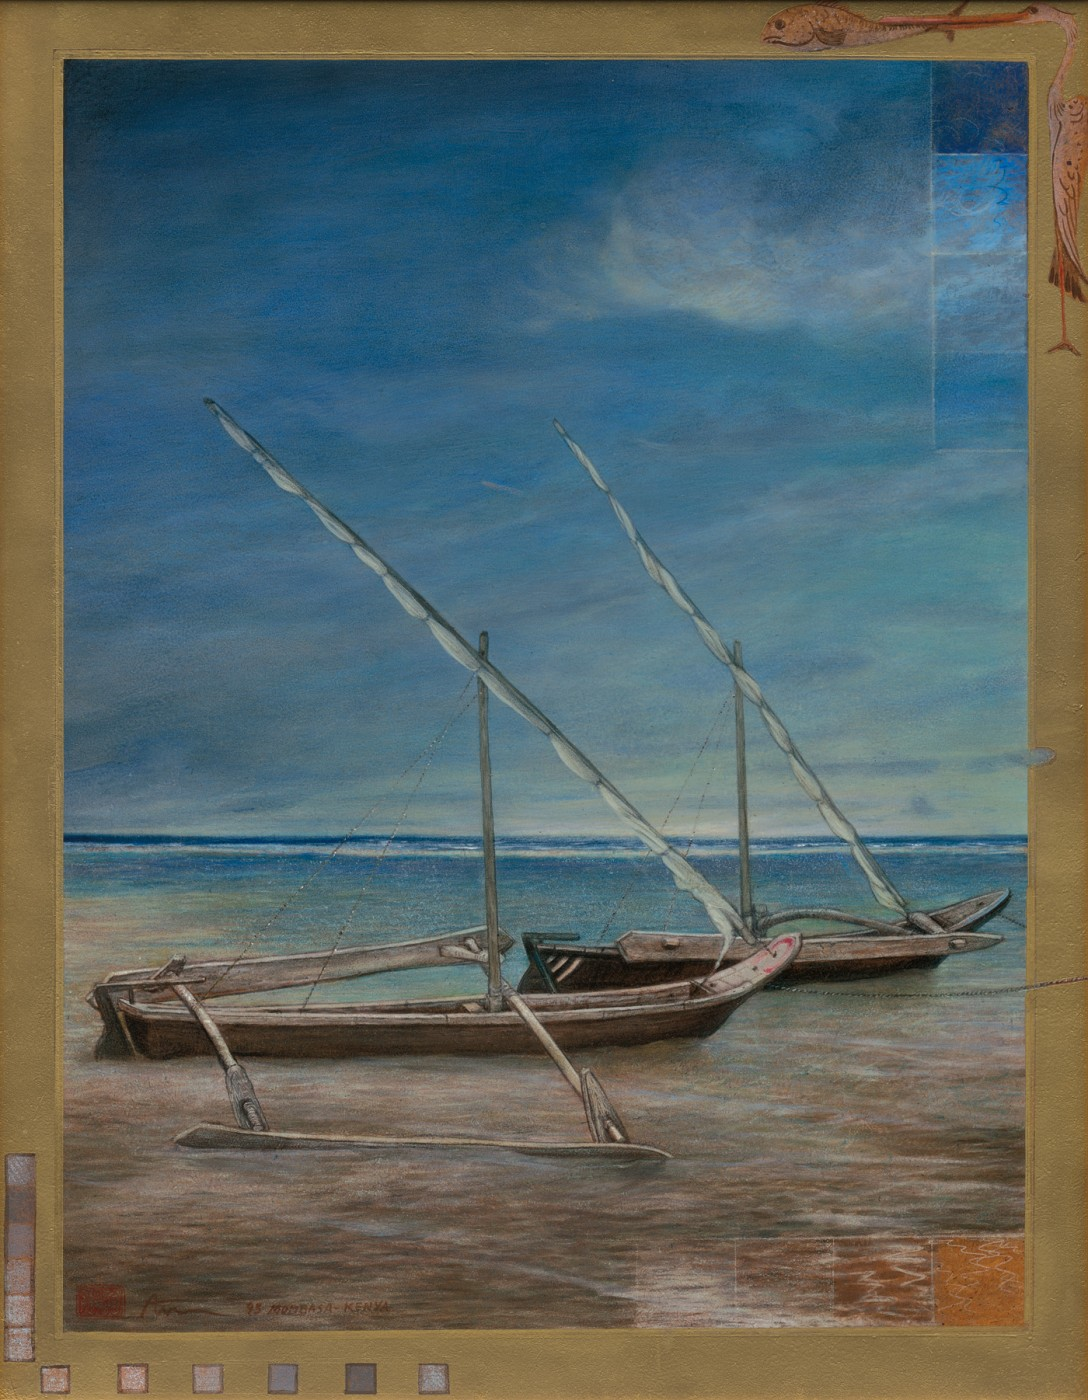 My boat in Mombasa, Kenya